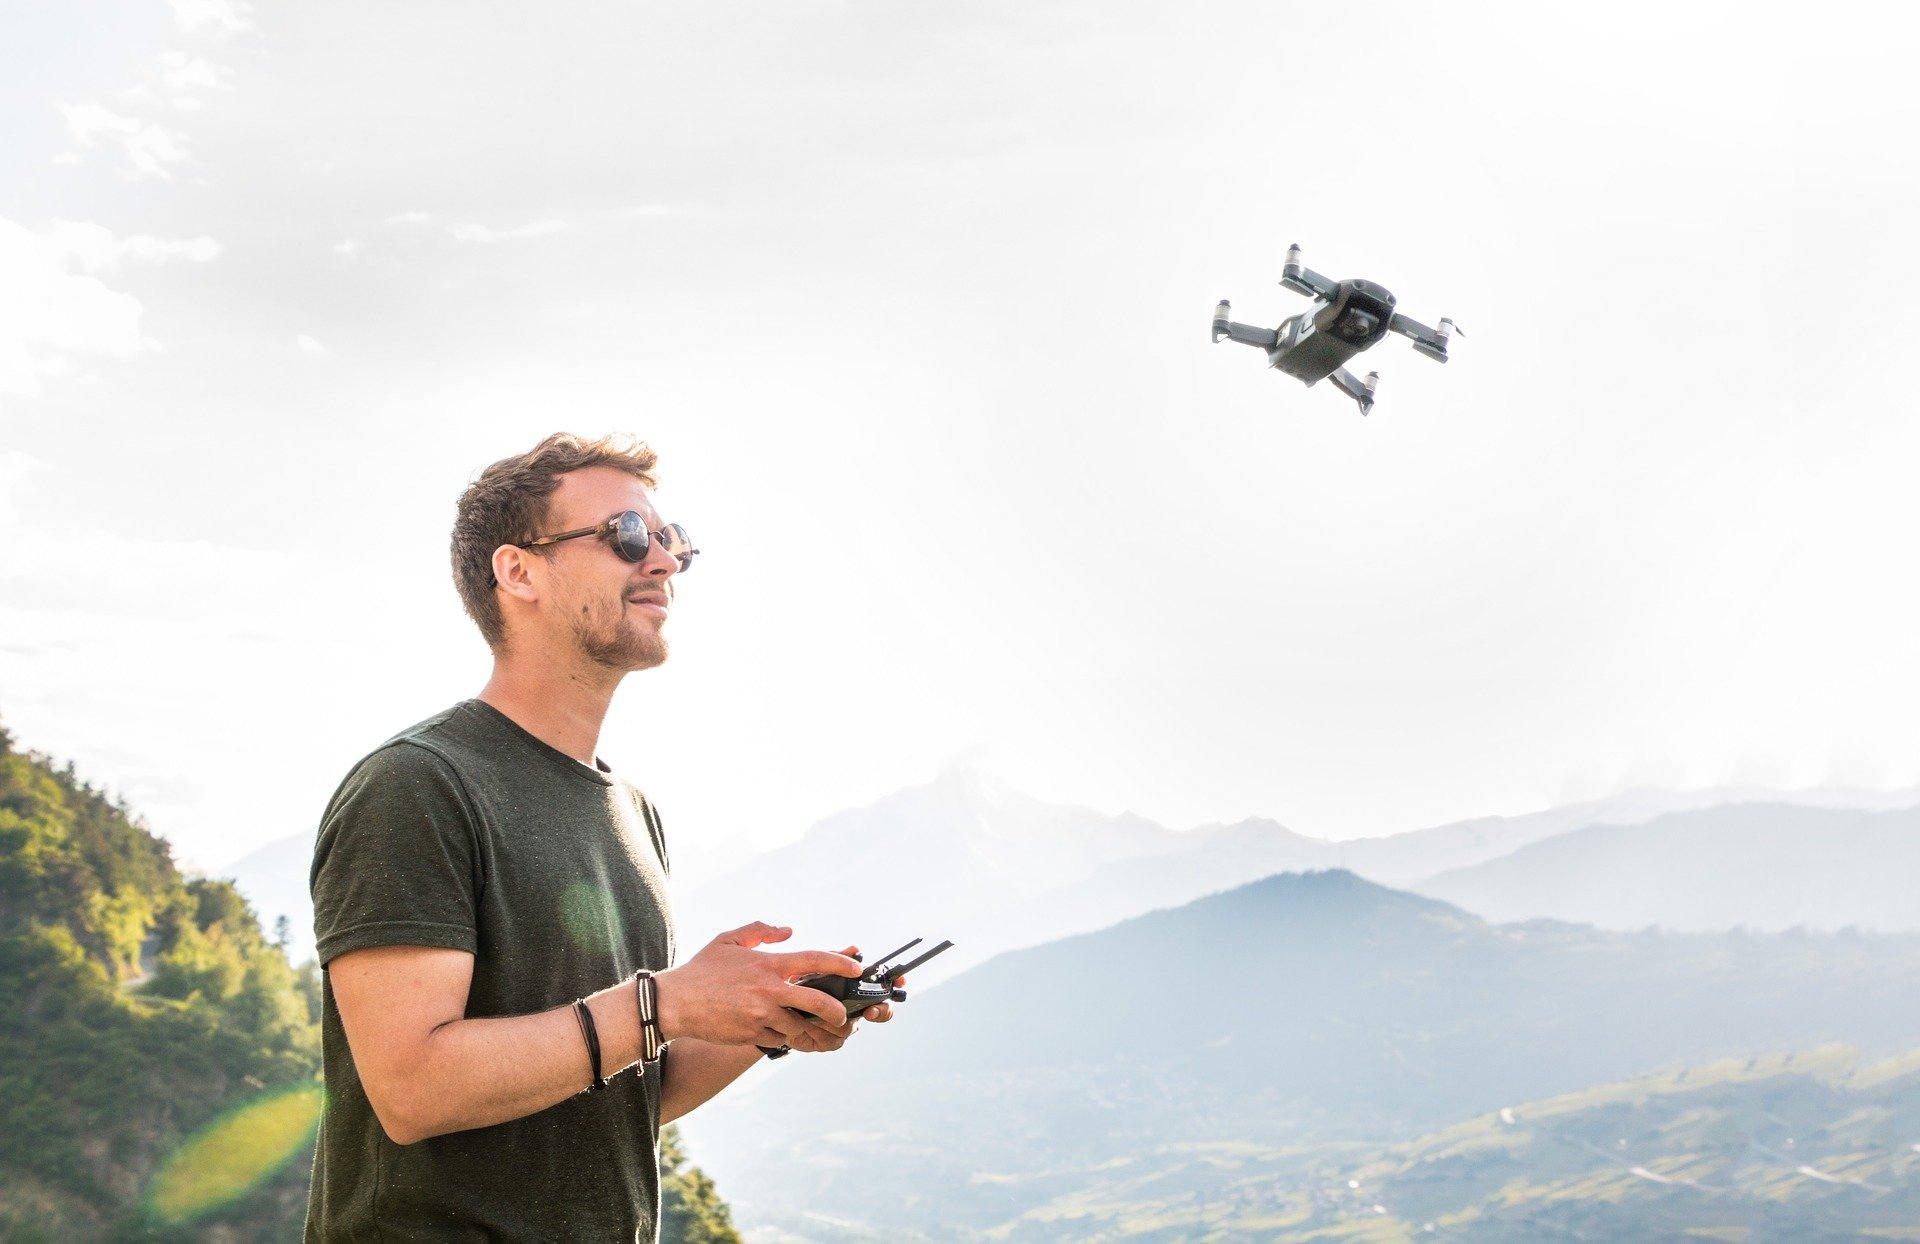 Über 400.000 Drohnen gibt es in Deutschland und schaffen täglich einen Nutzen für die Menschen